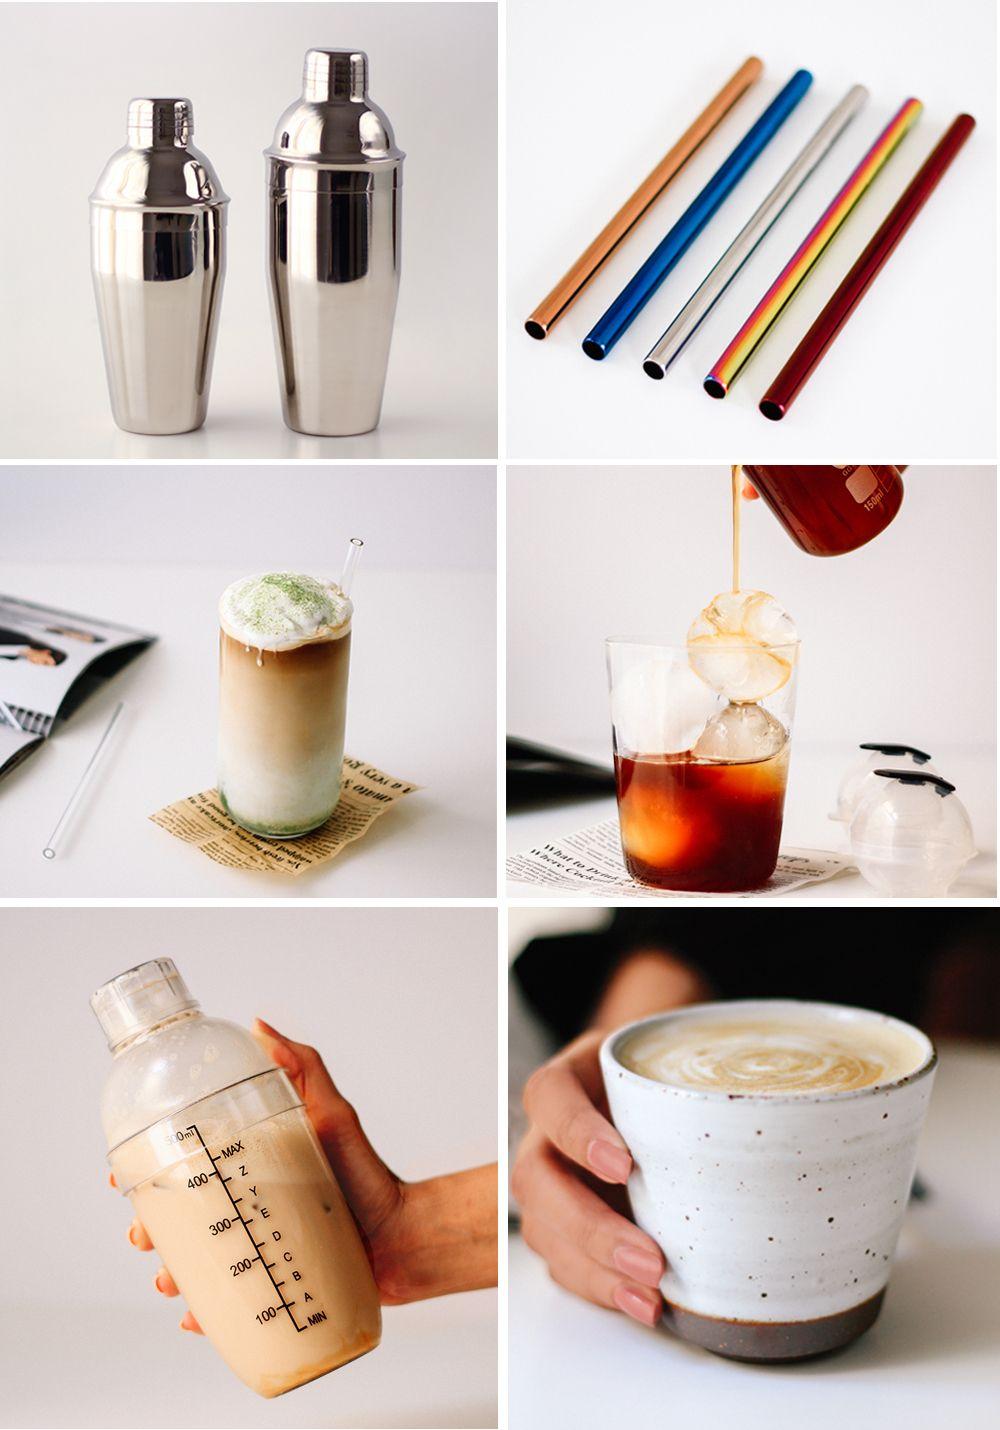 منتجات وأدوات القهوة Glassware Tableware Kitchen